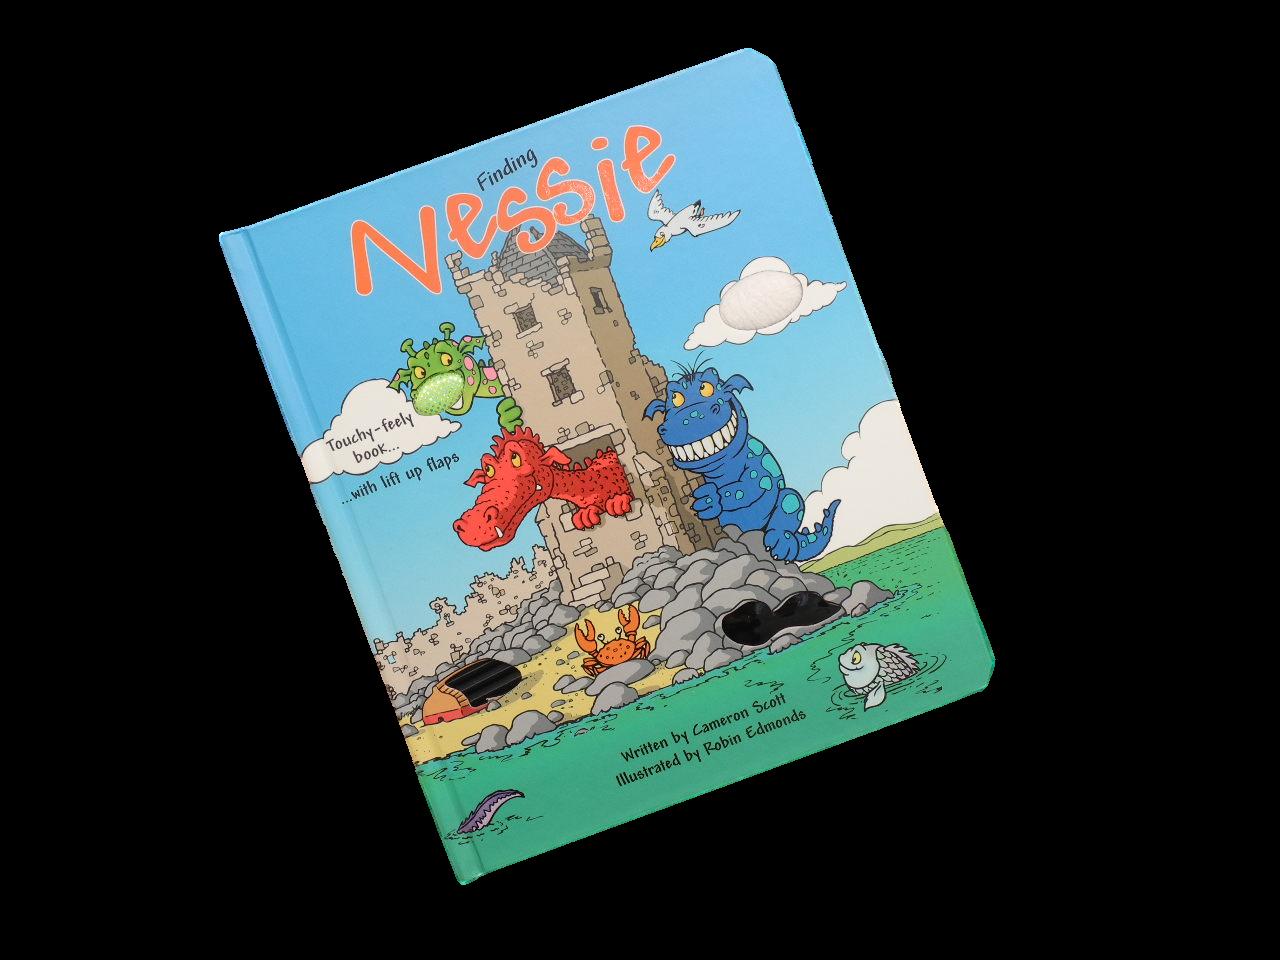 scottish lift flap book for children funny loch ness monster